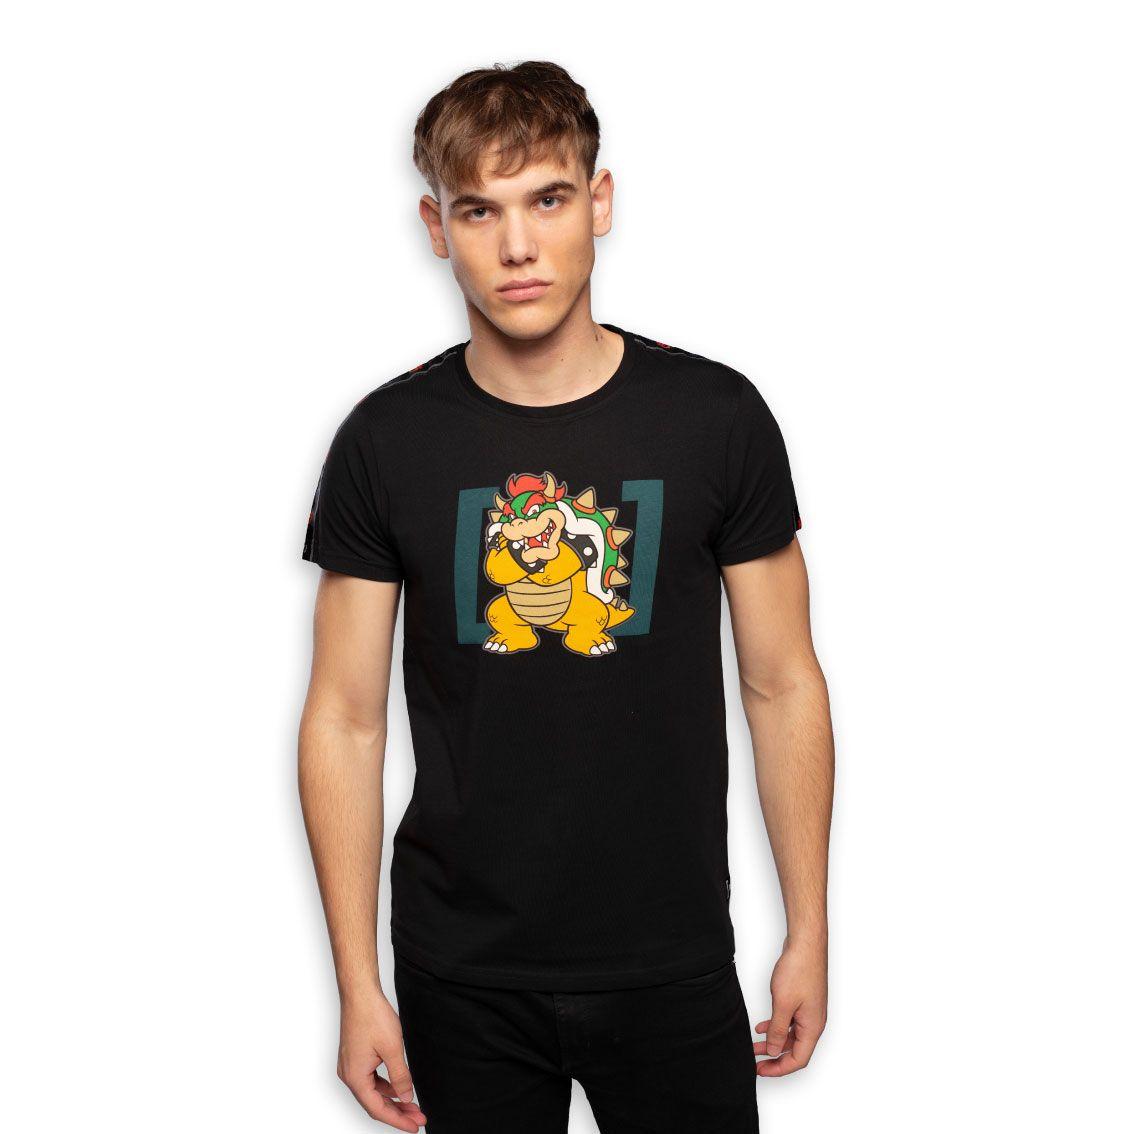 T-shirt homme super mario bowser